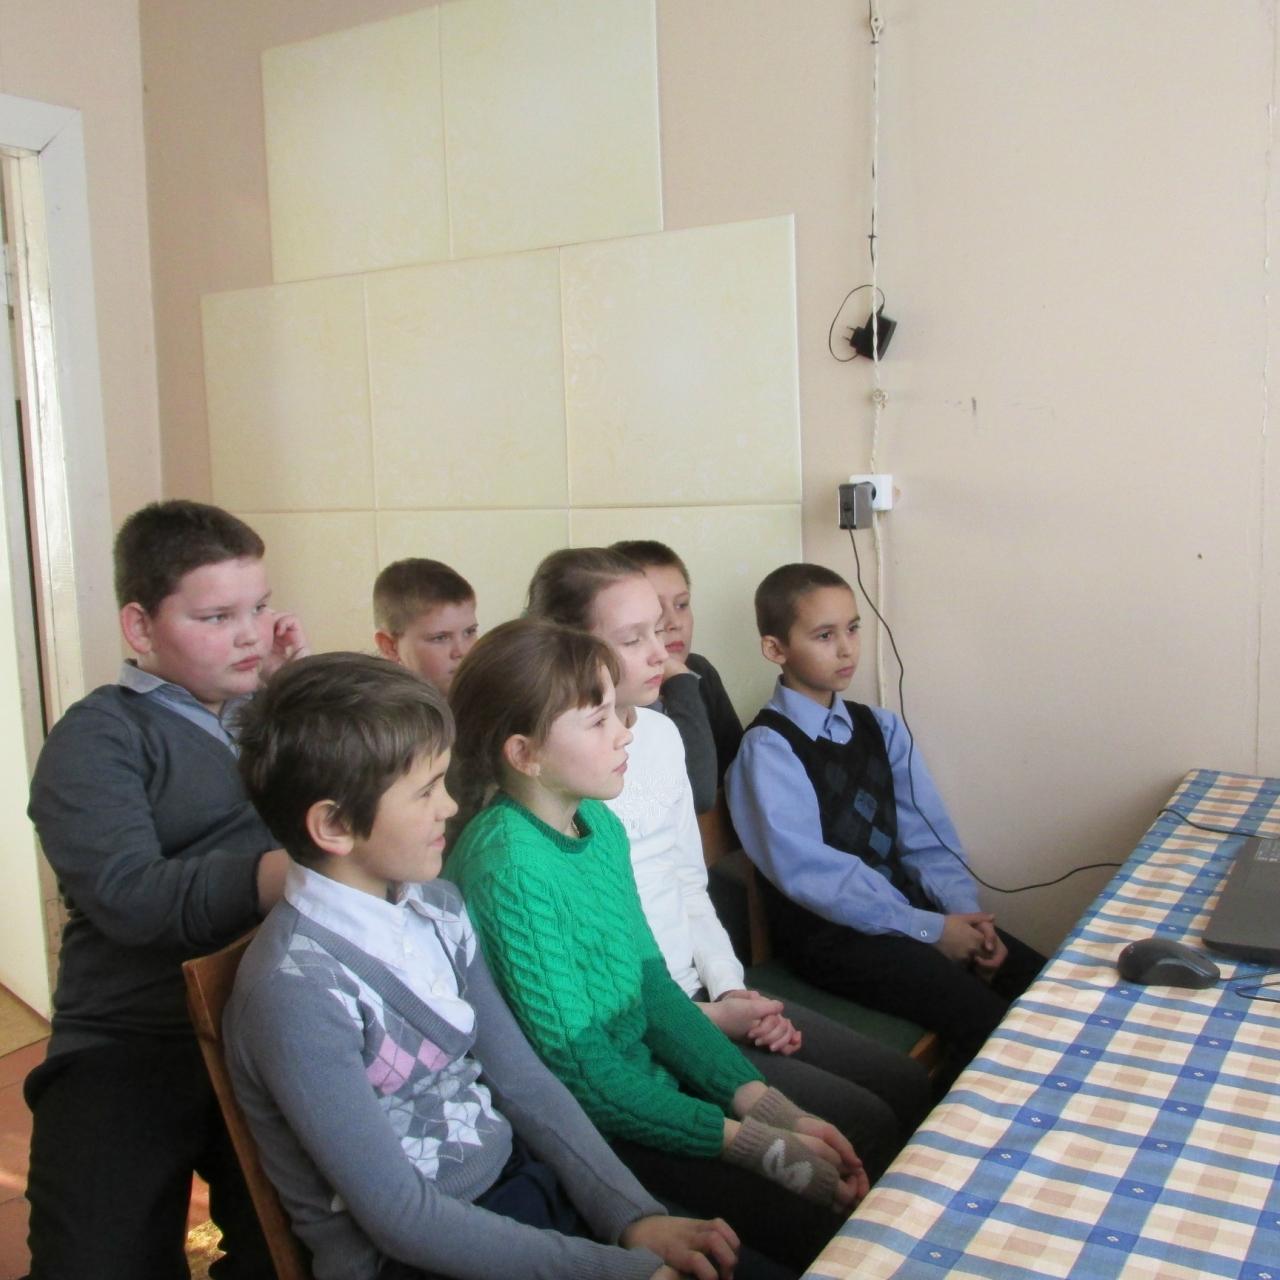 24 января в Ковалинской сельской библиотеке с учащимися школы был проведен урок мужества «Был город - фронт, была блокада», приуроченный к 75-летию прорыва блокадного кольца города Ленинграда.